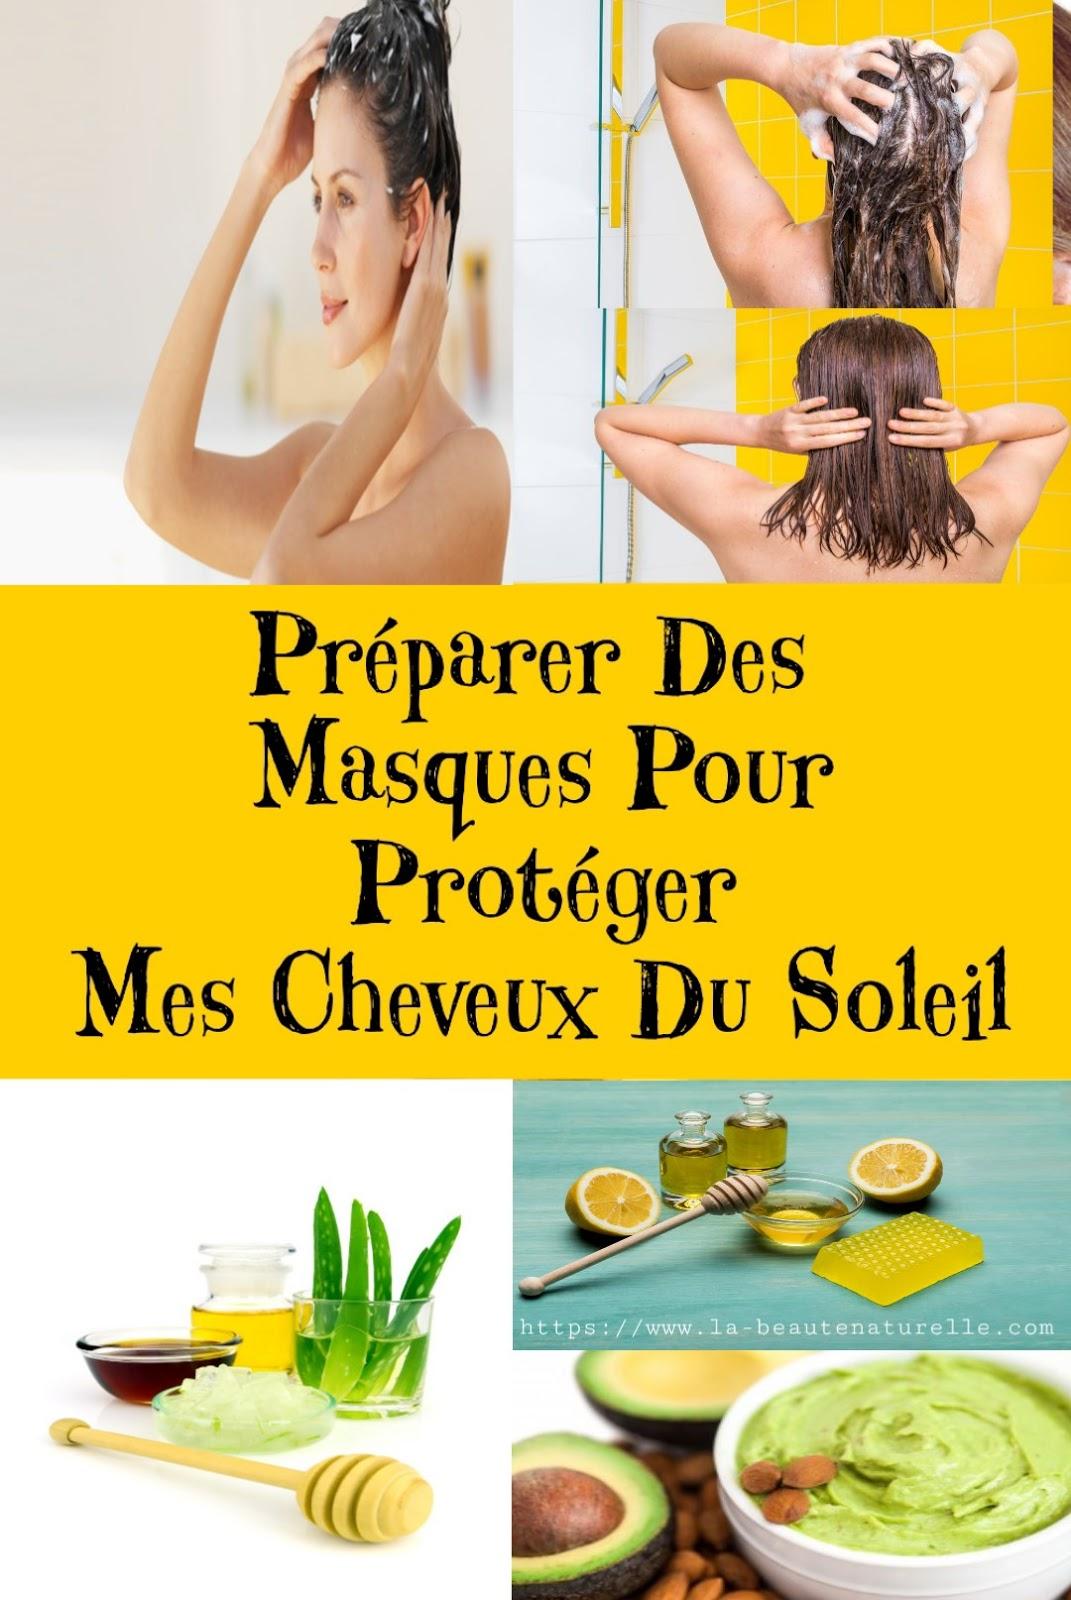 Préparer Des Masques Pour Protéger Mes Cheveux Du Soleil